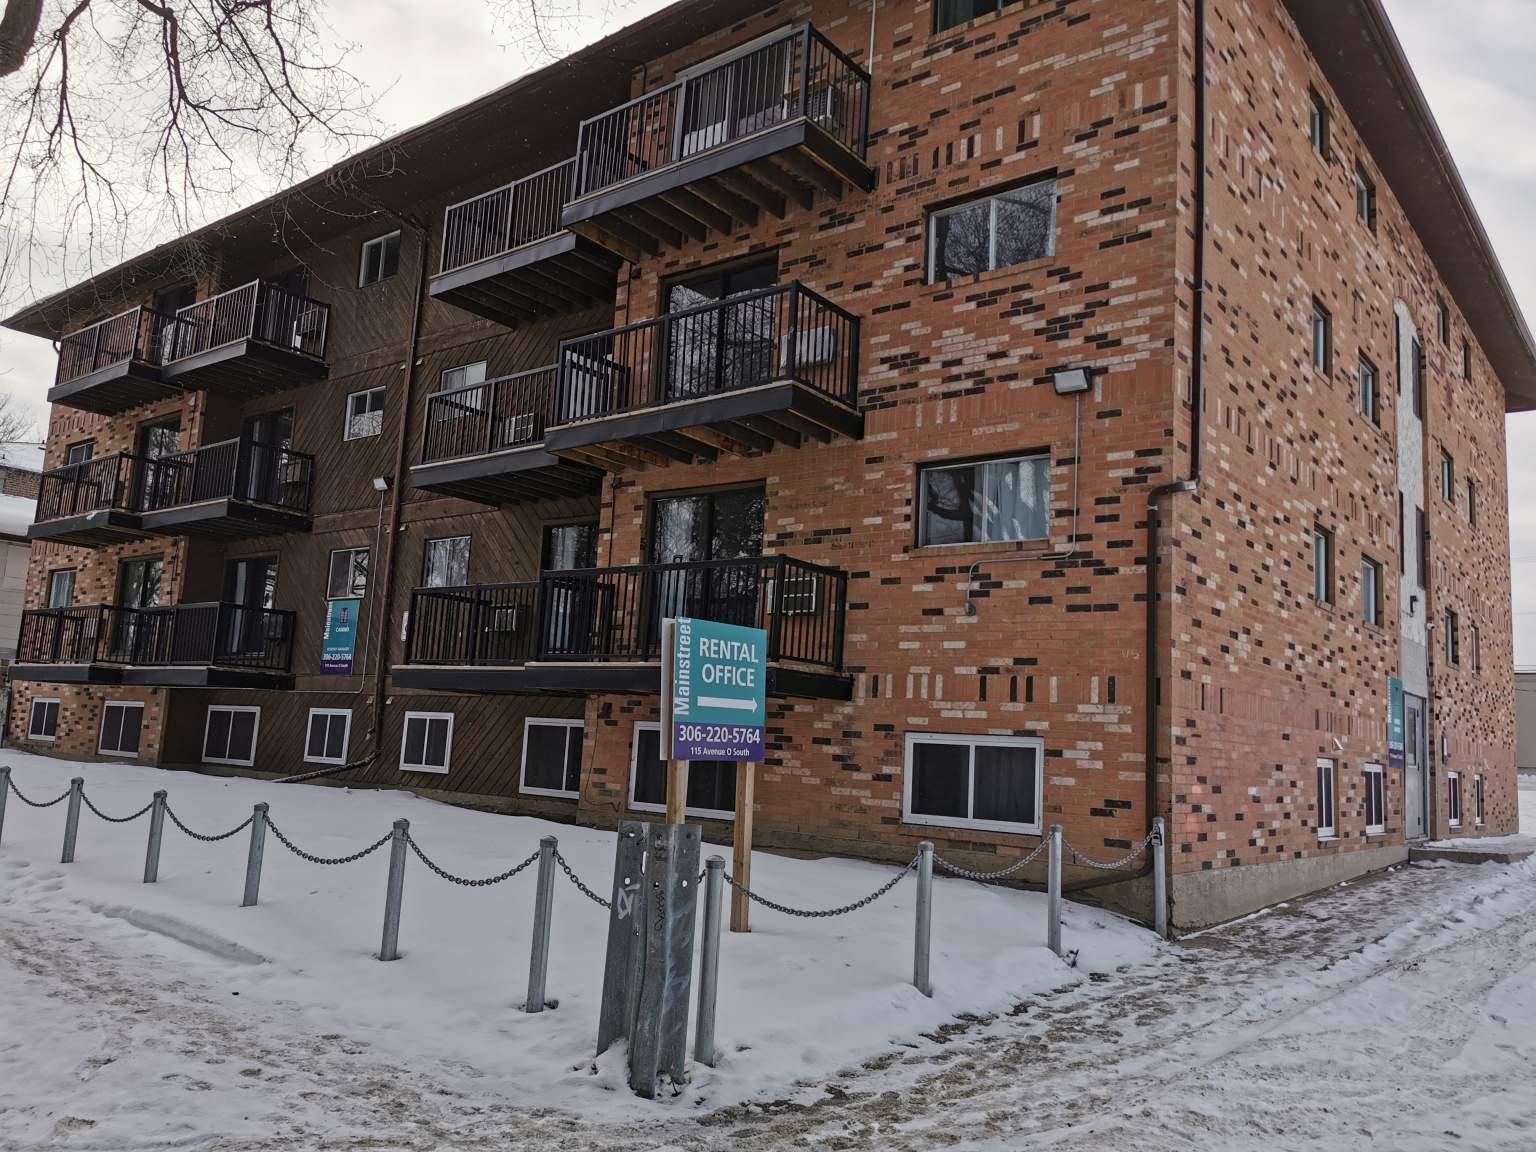 115 Avenue O South, Saskatoon, SK - $825